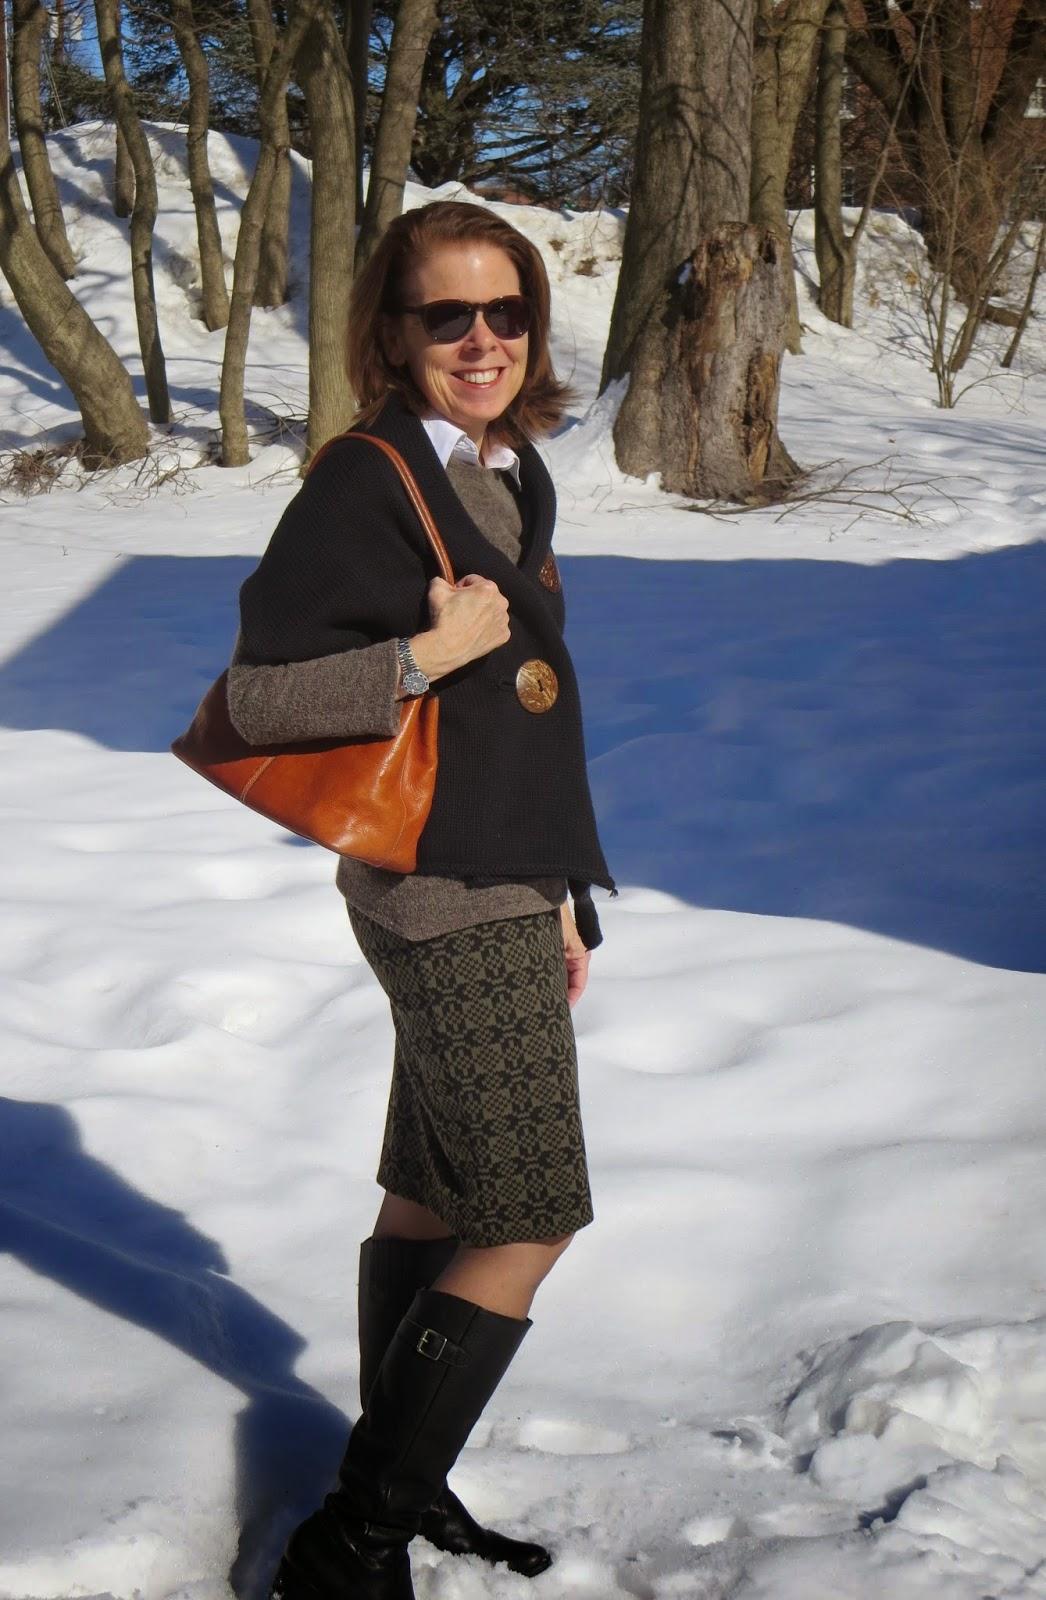 spring handbag for women over 50